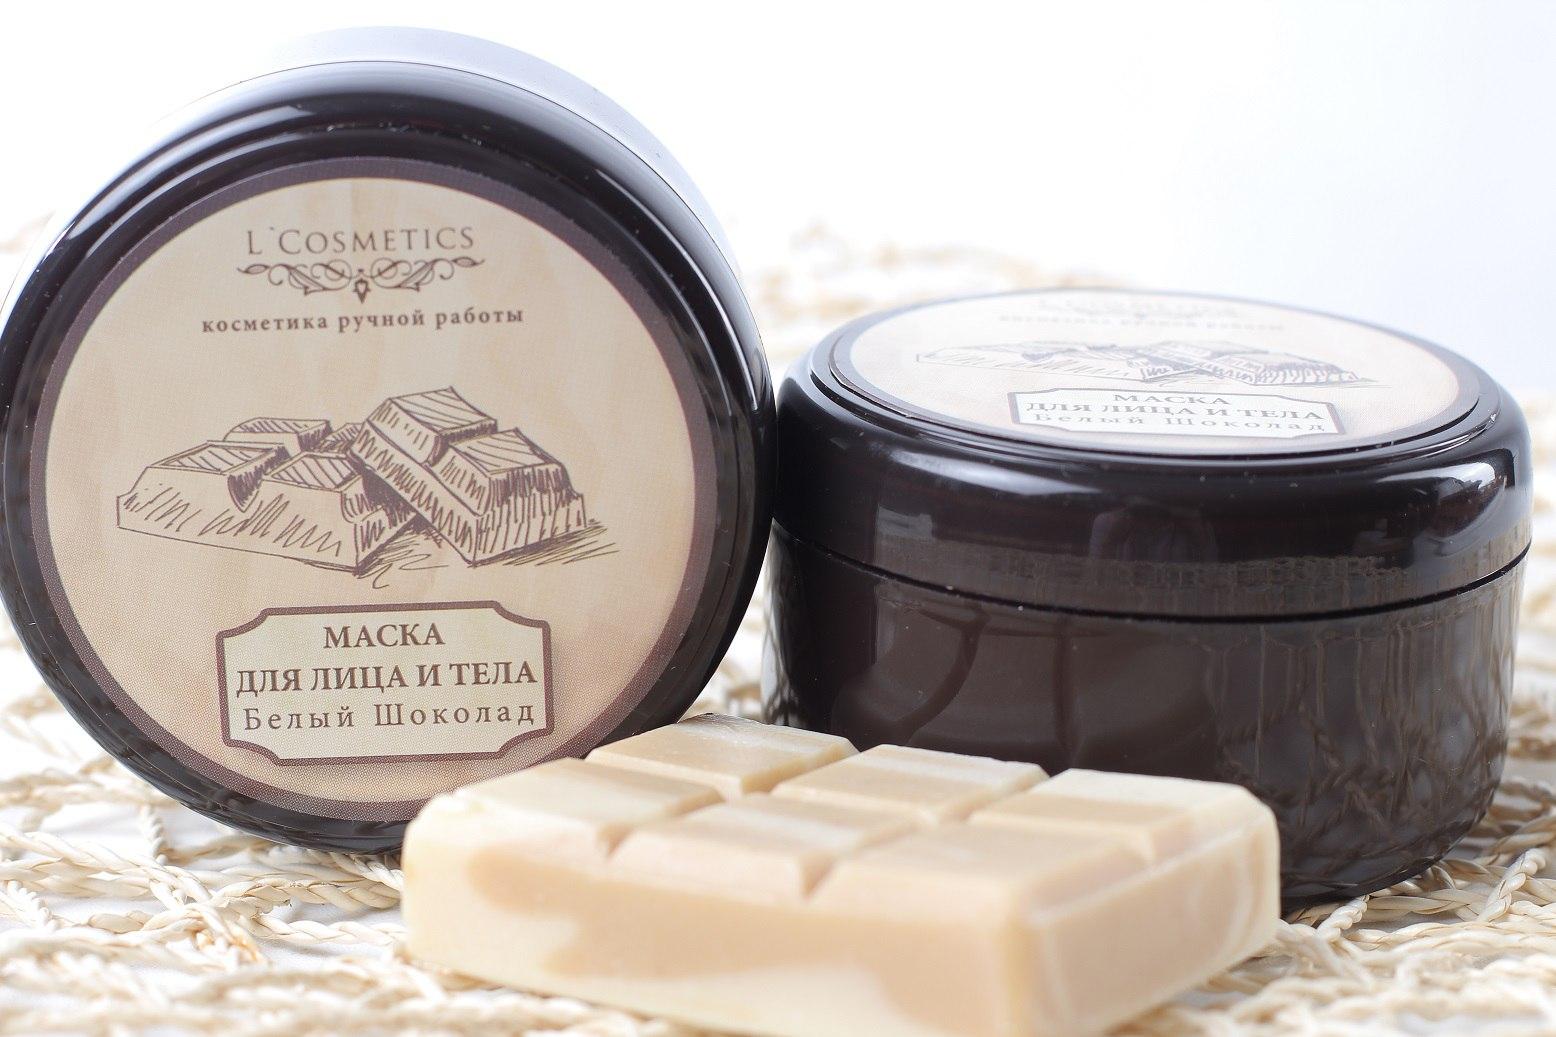 Это настоящий праздник для любителей шоколада! косметика шоколадные грез - 30 august 2015 - blog - acse-kamila.